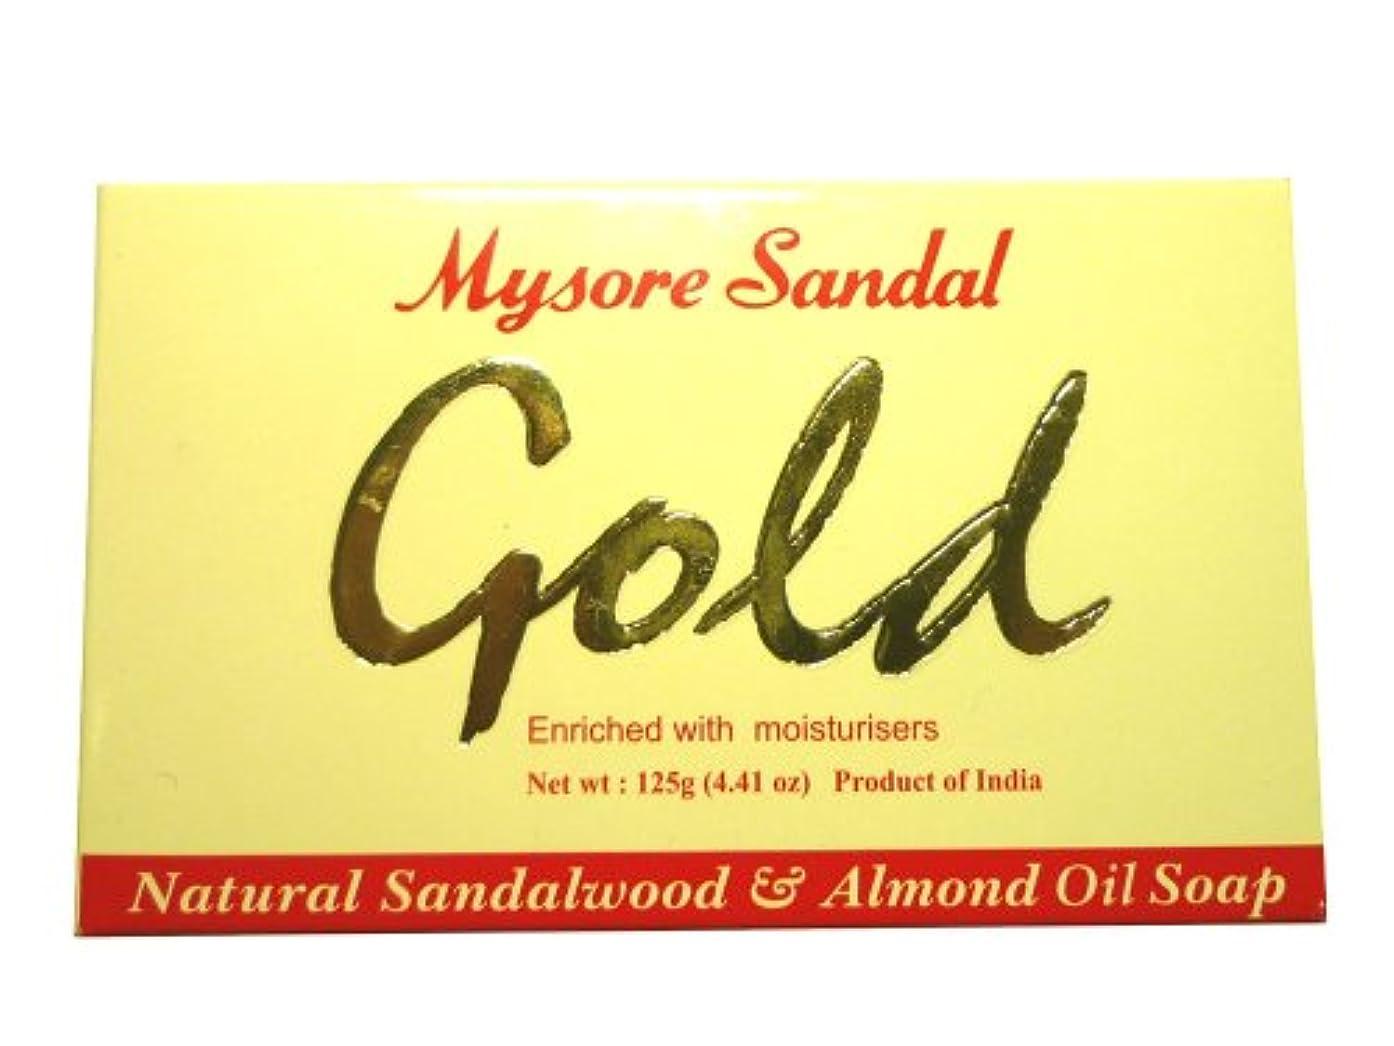 傑作のスコア降雨高純度白檀油配合 マイソール サンダルゴールドソープ